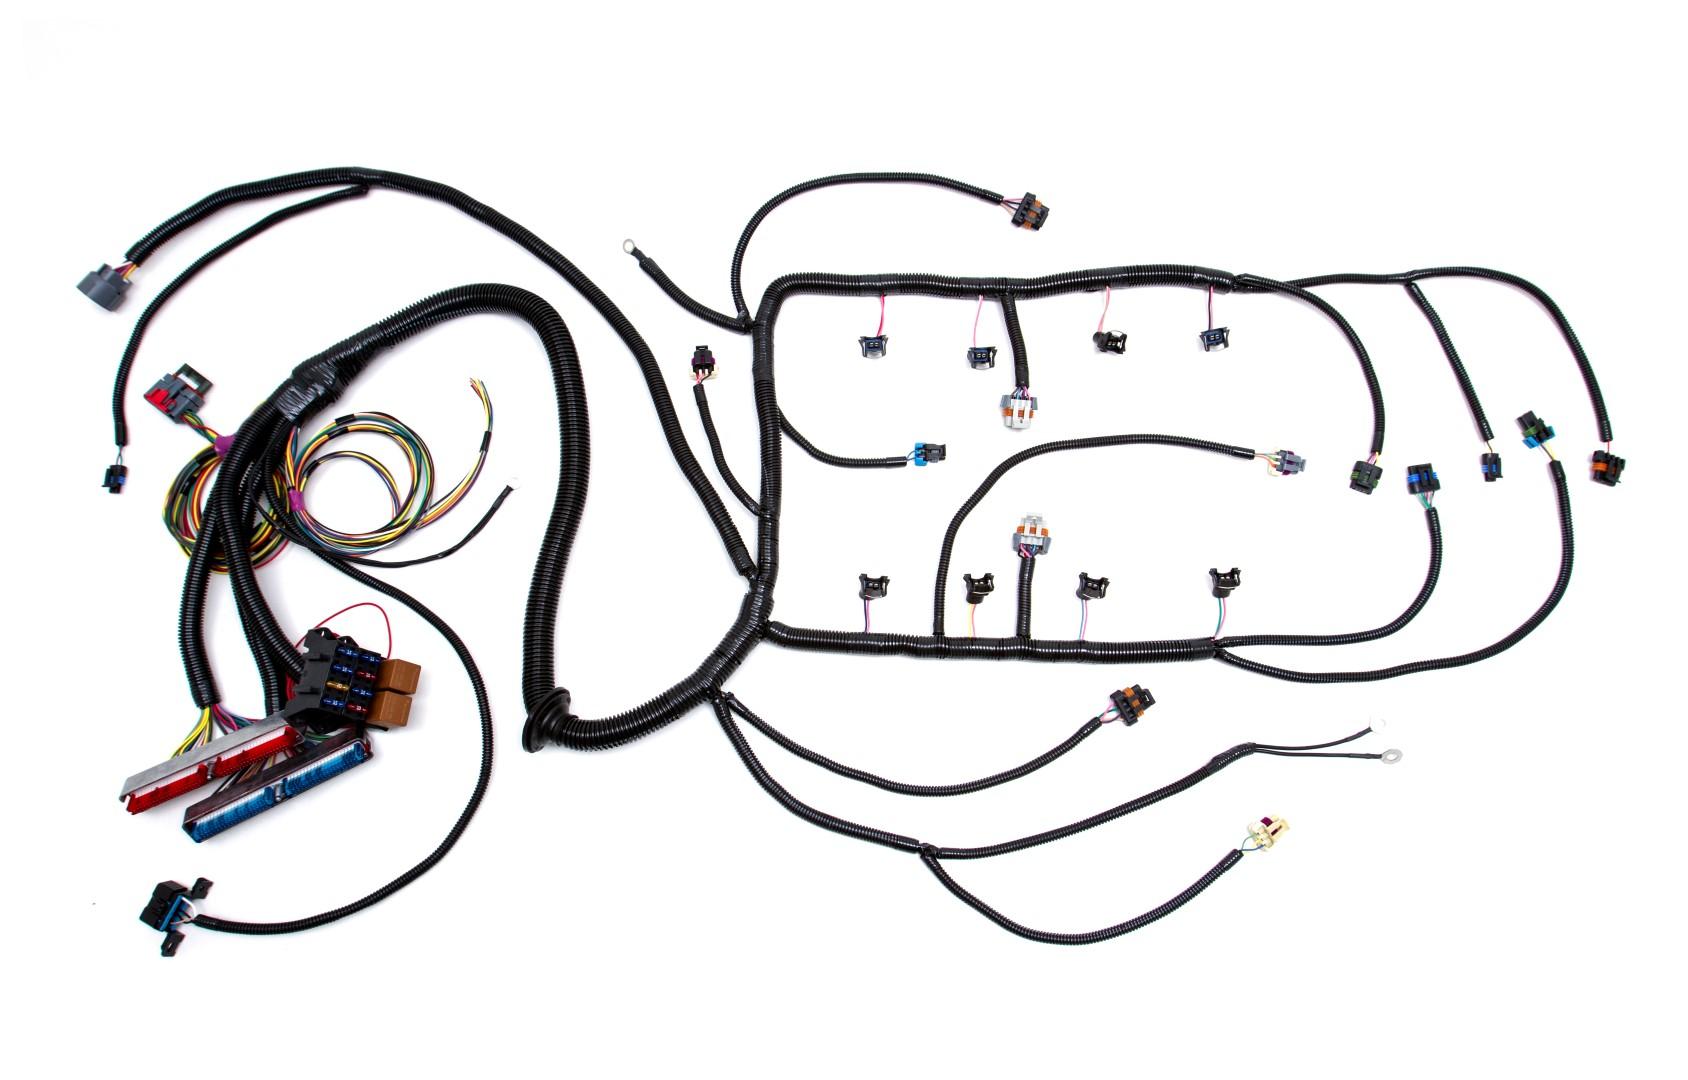 hight resolution of 97 04 ls1 w 4l60e standalone wiring harness dbw custom image stock ls1 harness custom ls1 wiring harness